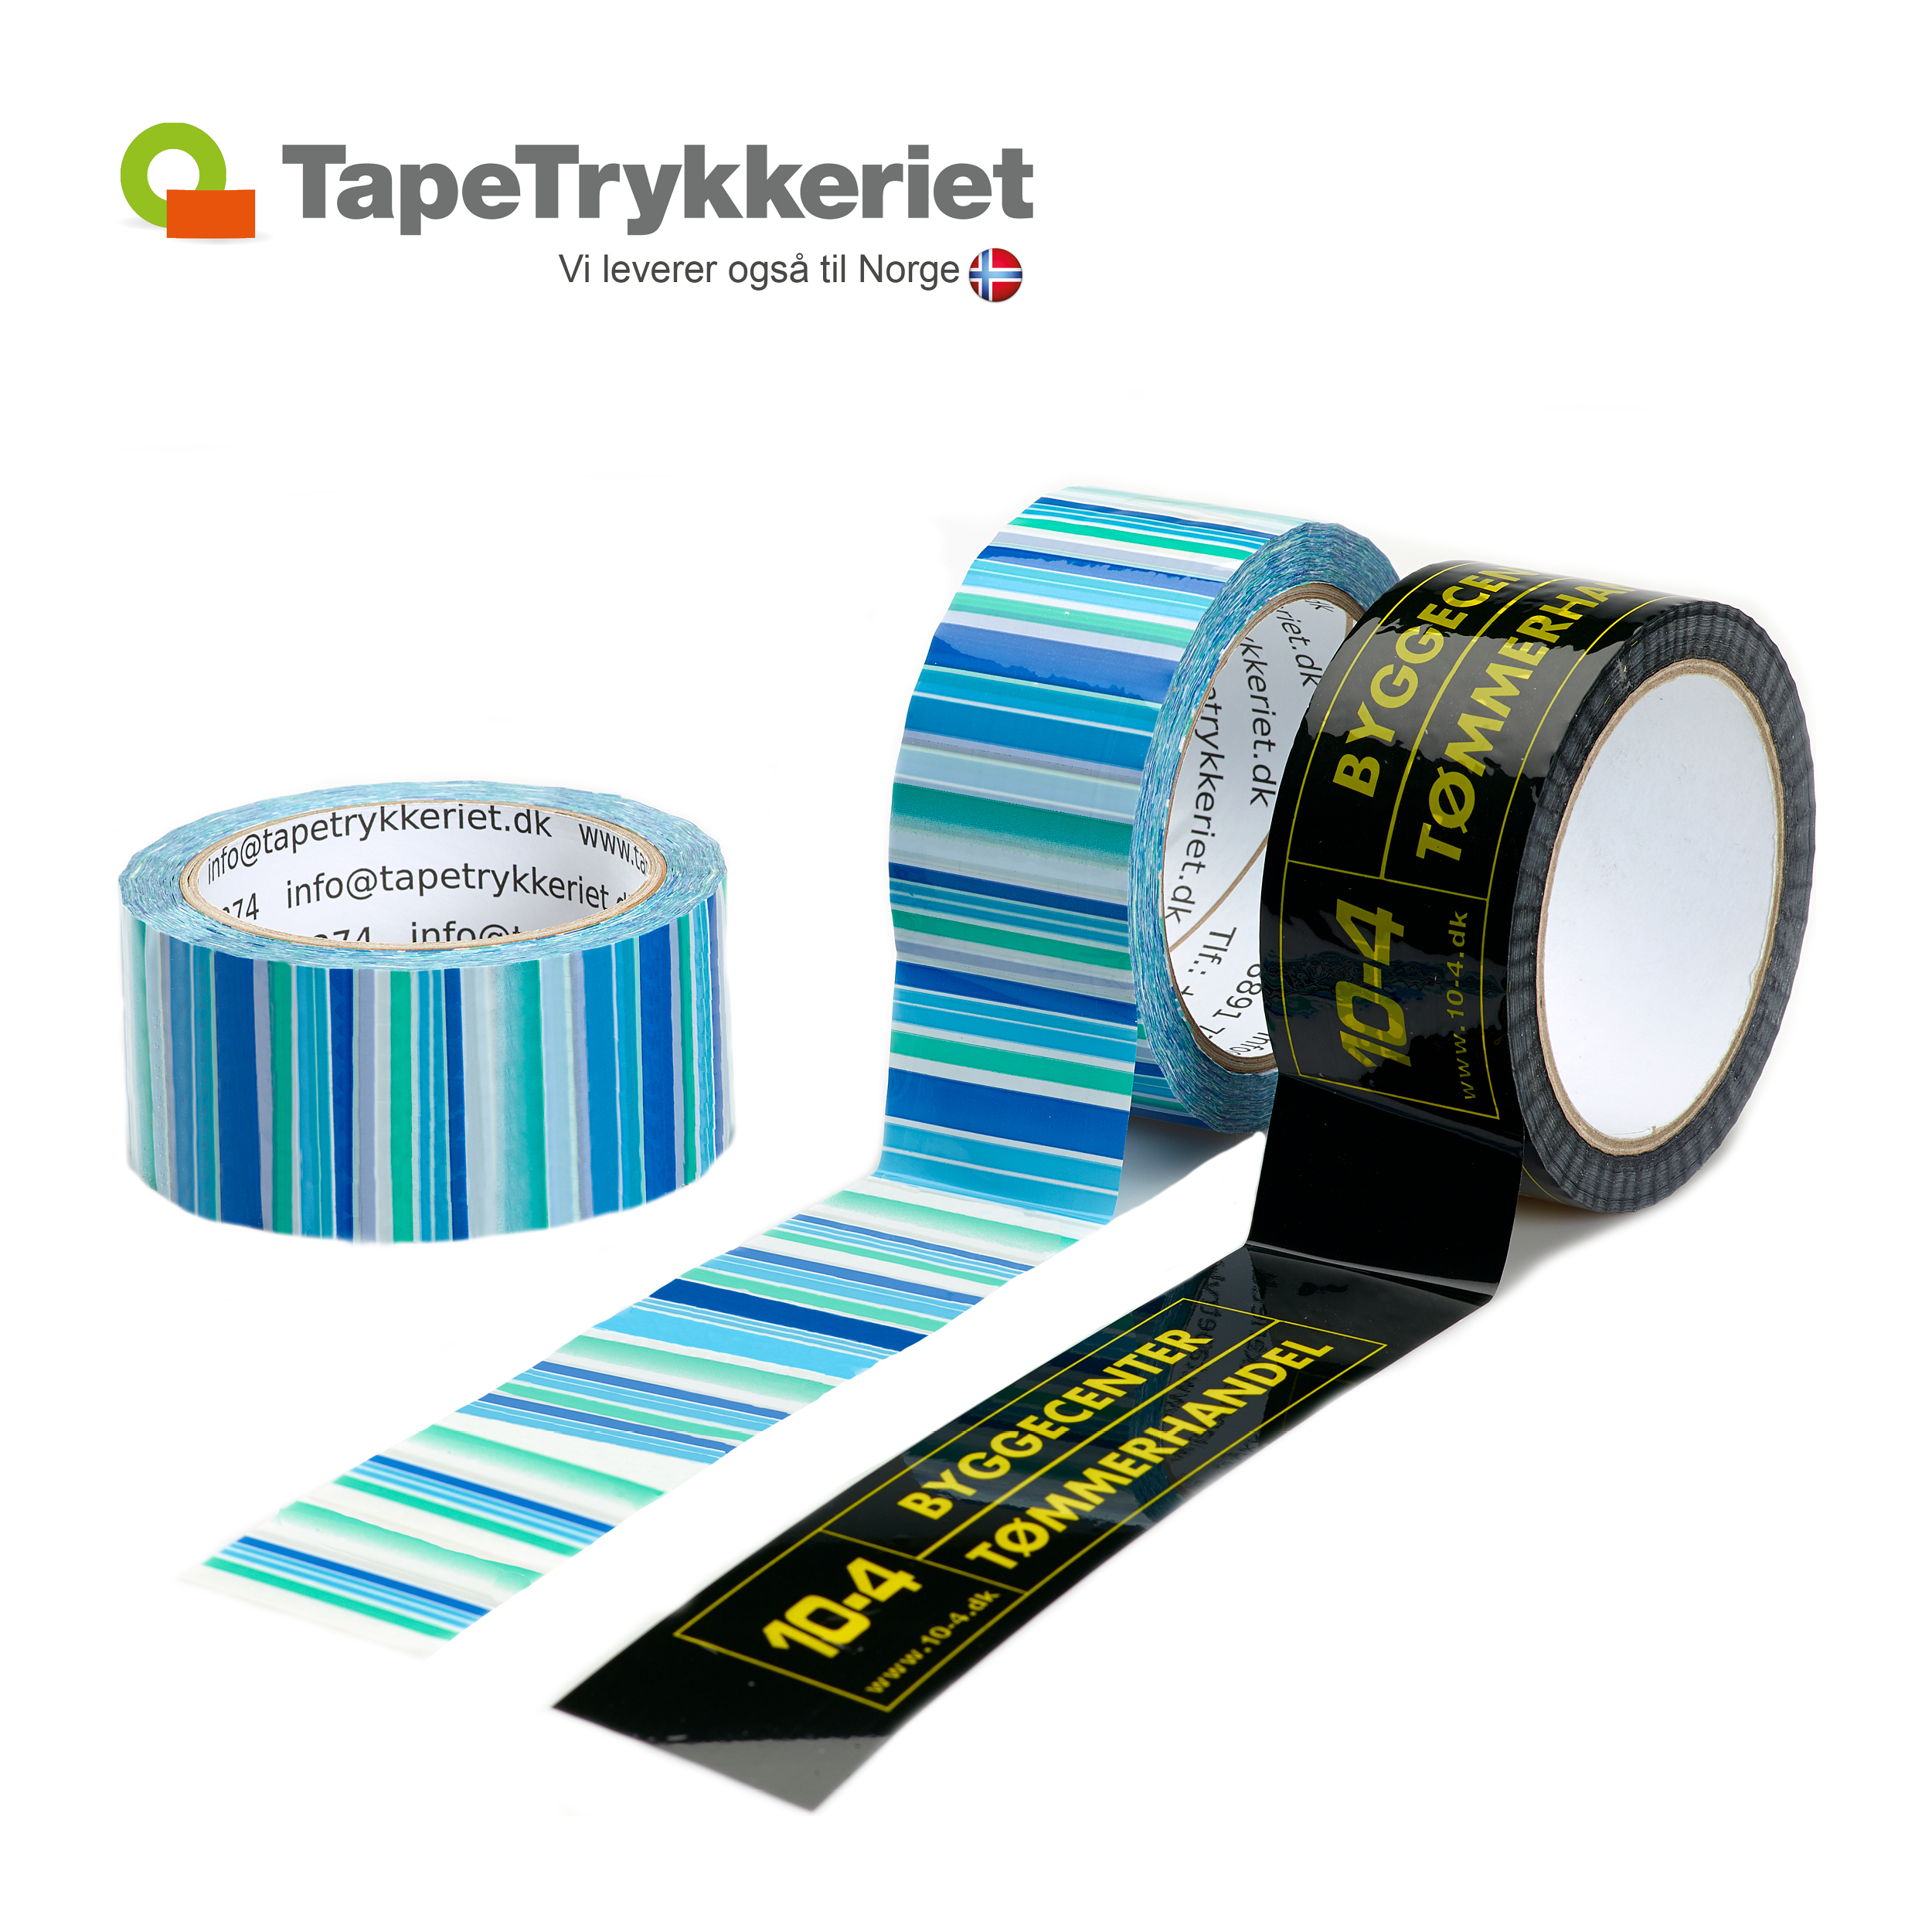 Luxustape med ekstra lim. TapeTrykkeriet.dk